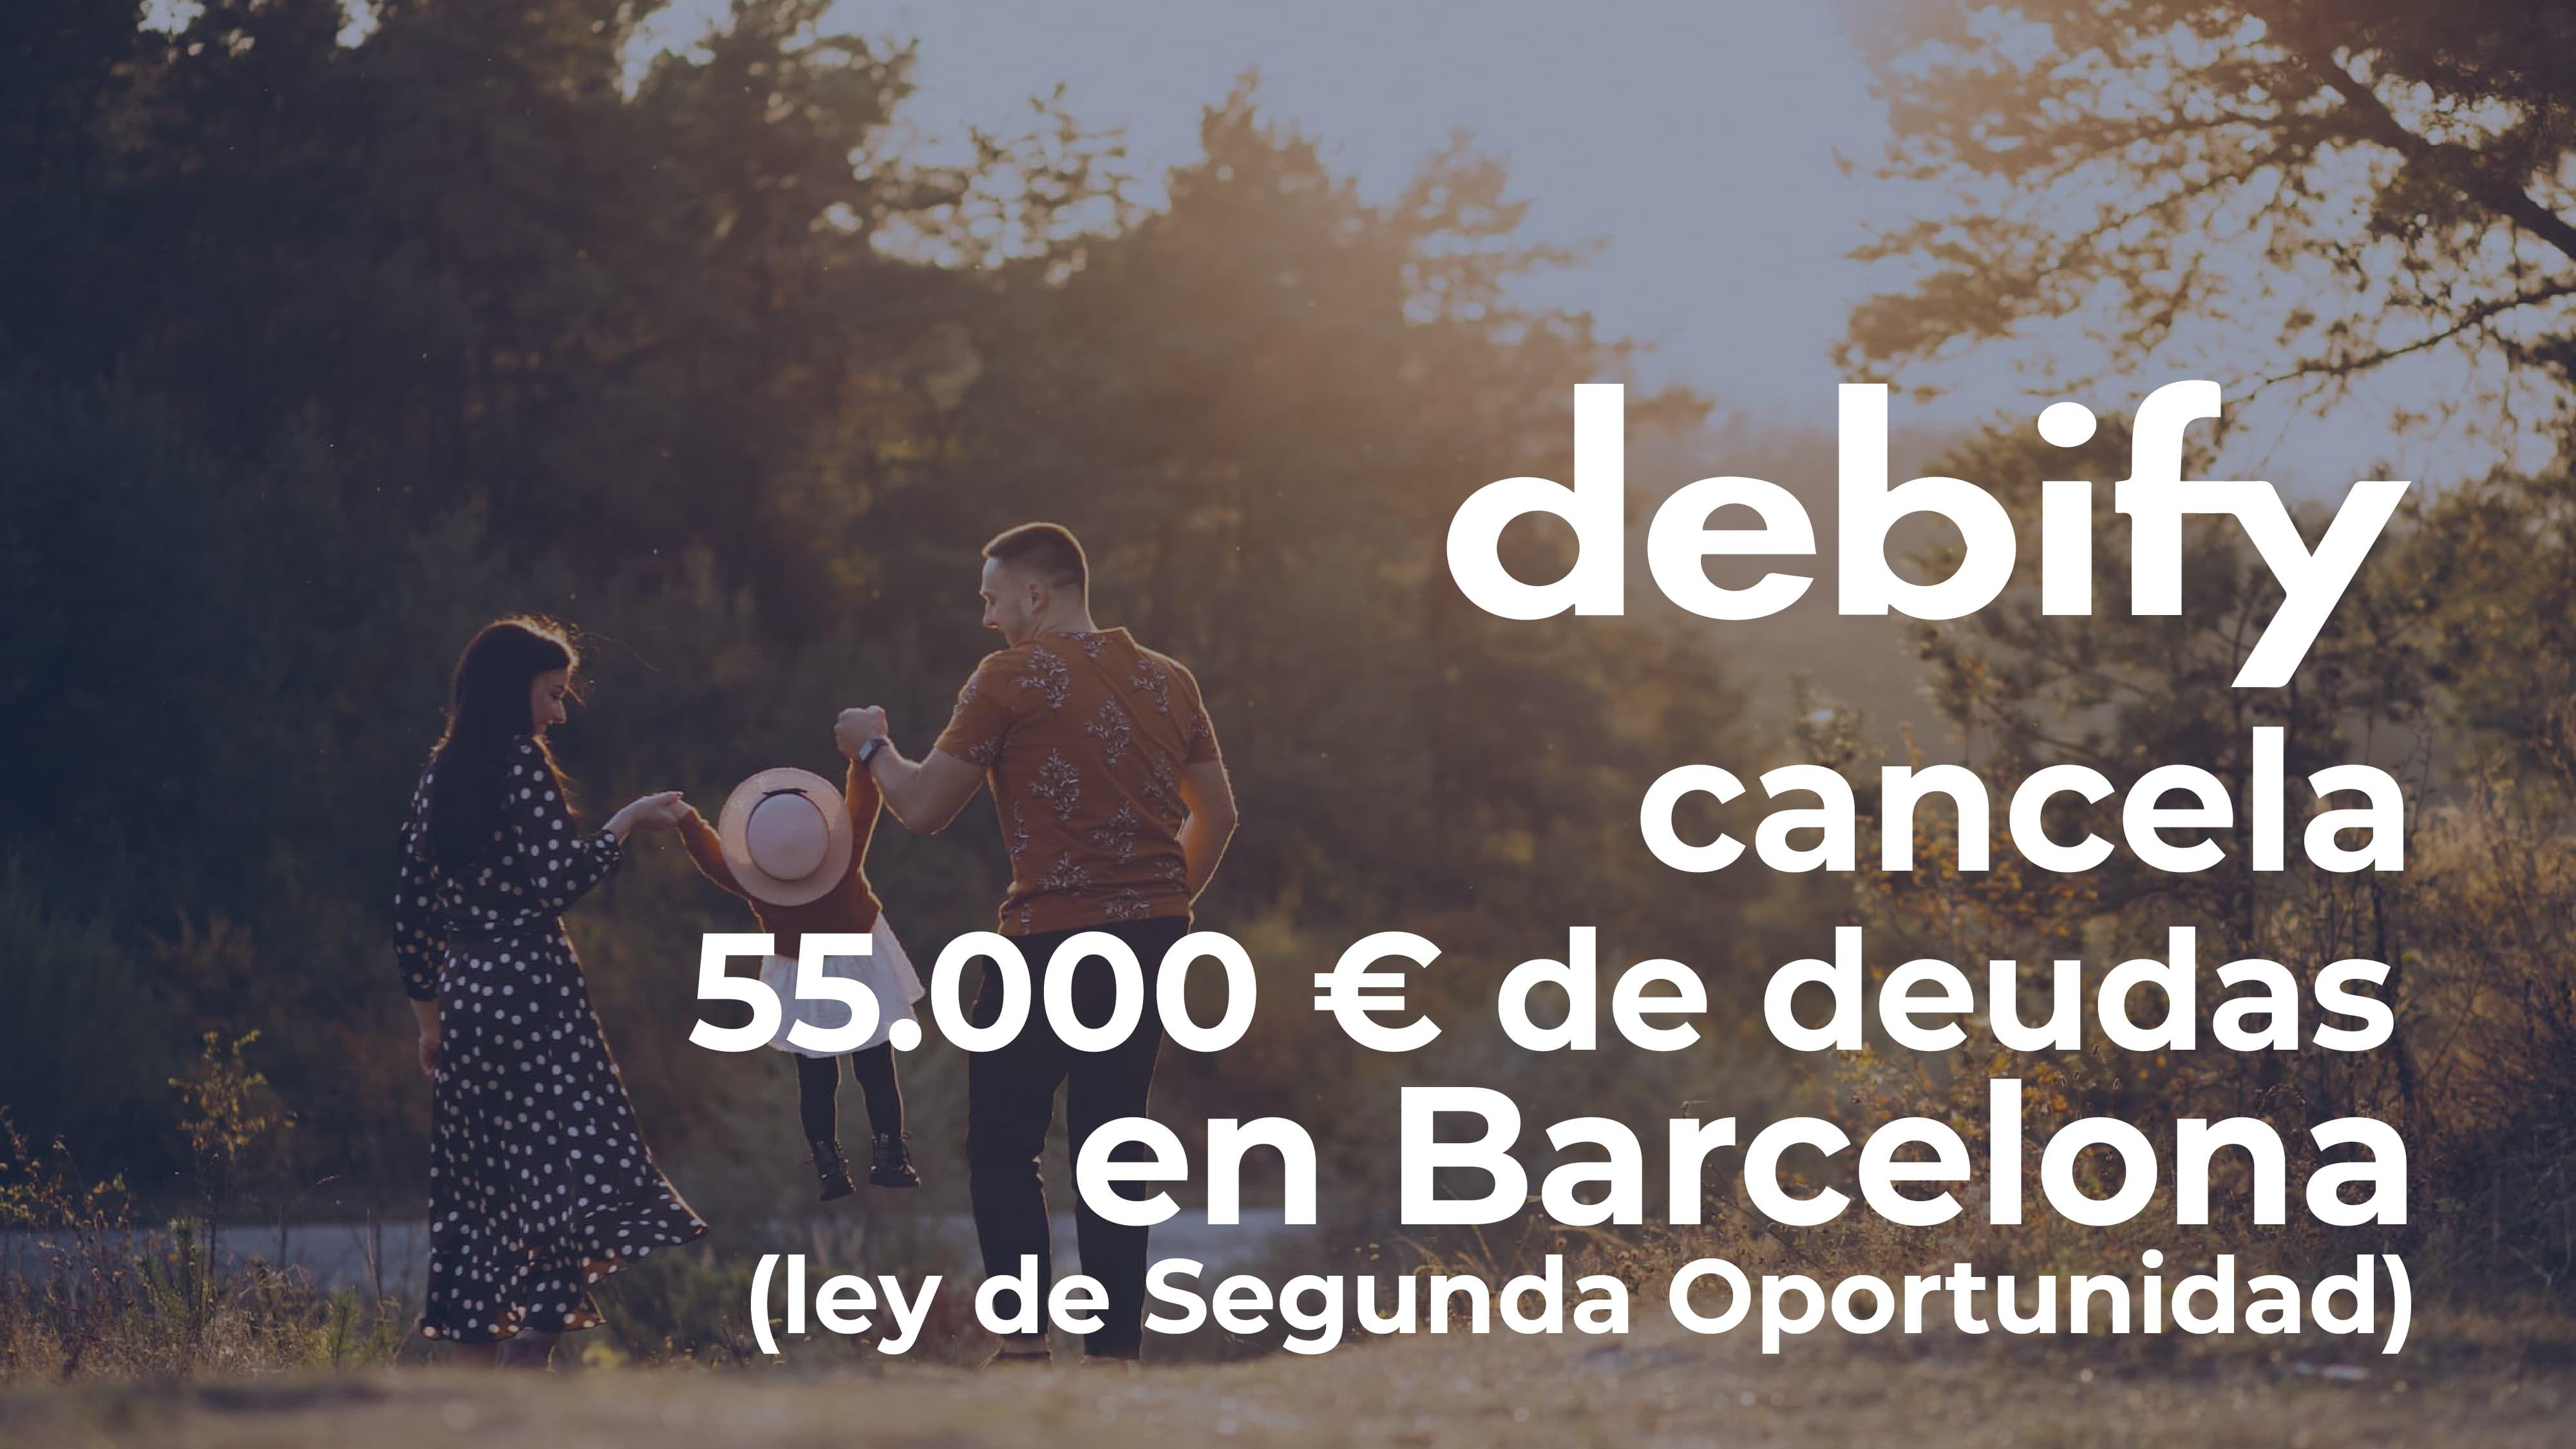 Debify consigue cancelar 55.000? de deuda a un matrimonio en Barcelona con la Ley de Segunda Oportunidad